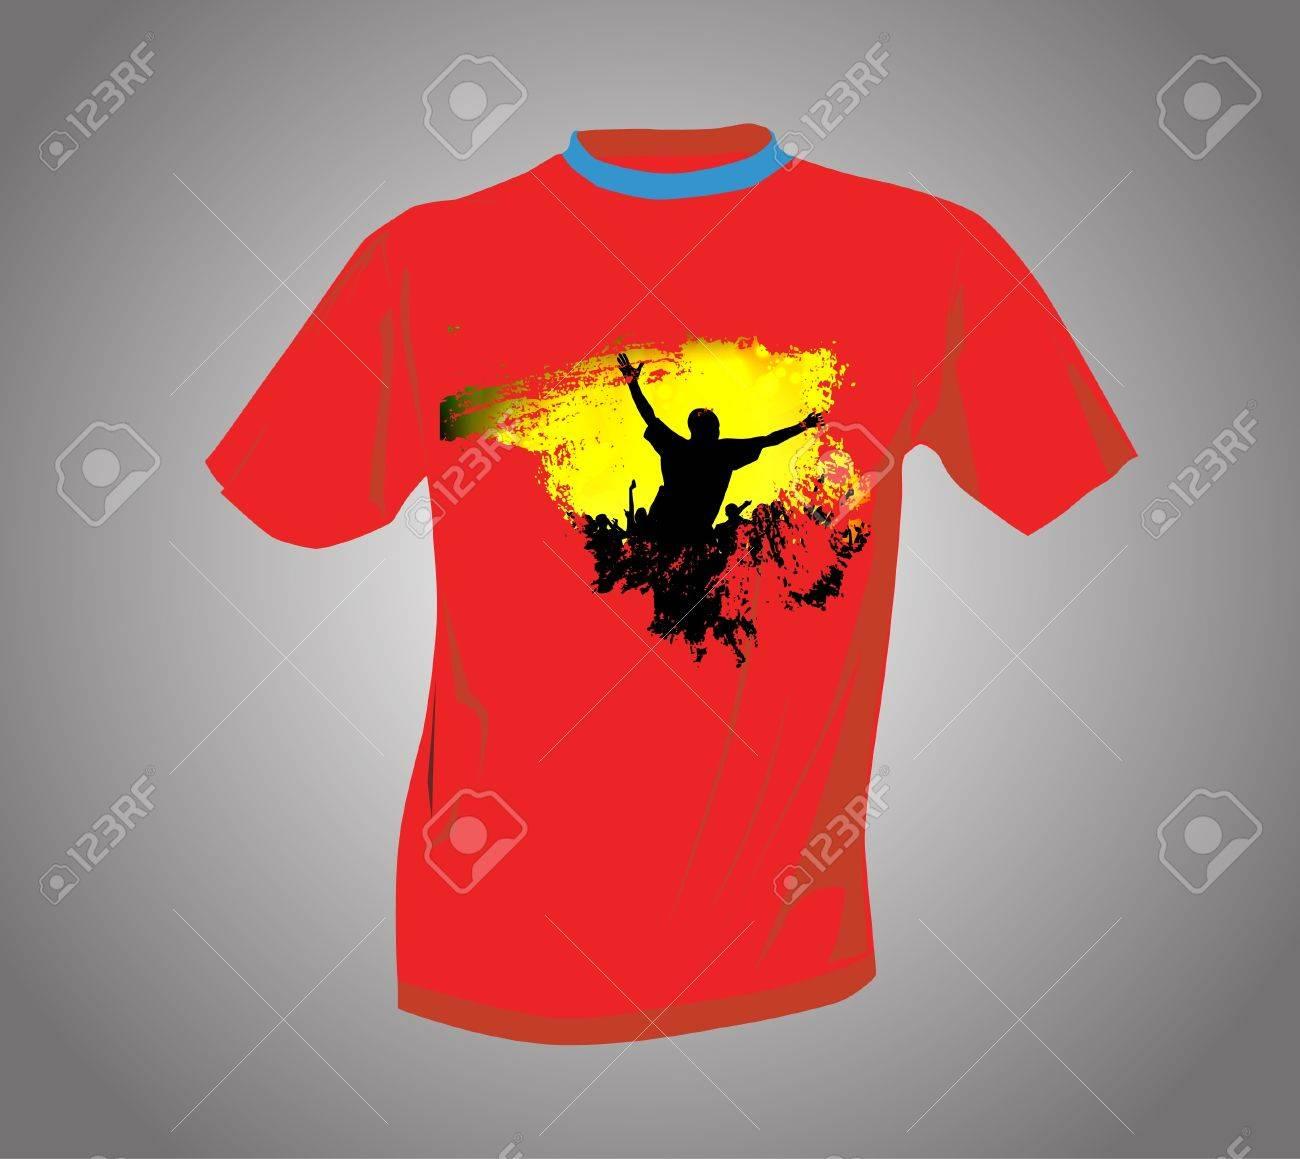 T-shirt Stock Vector - 14017785